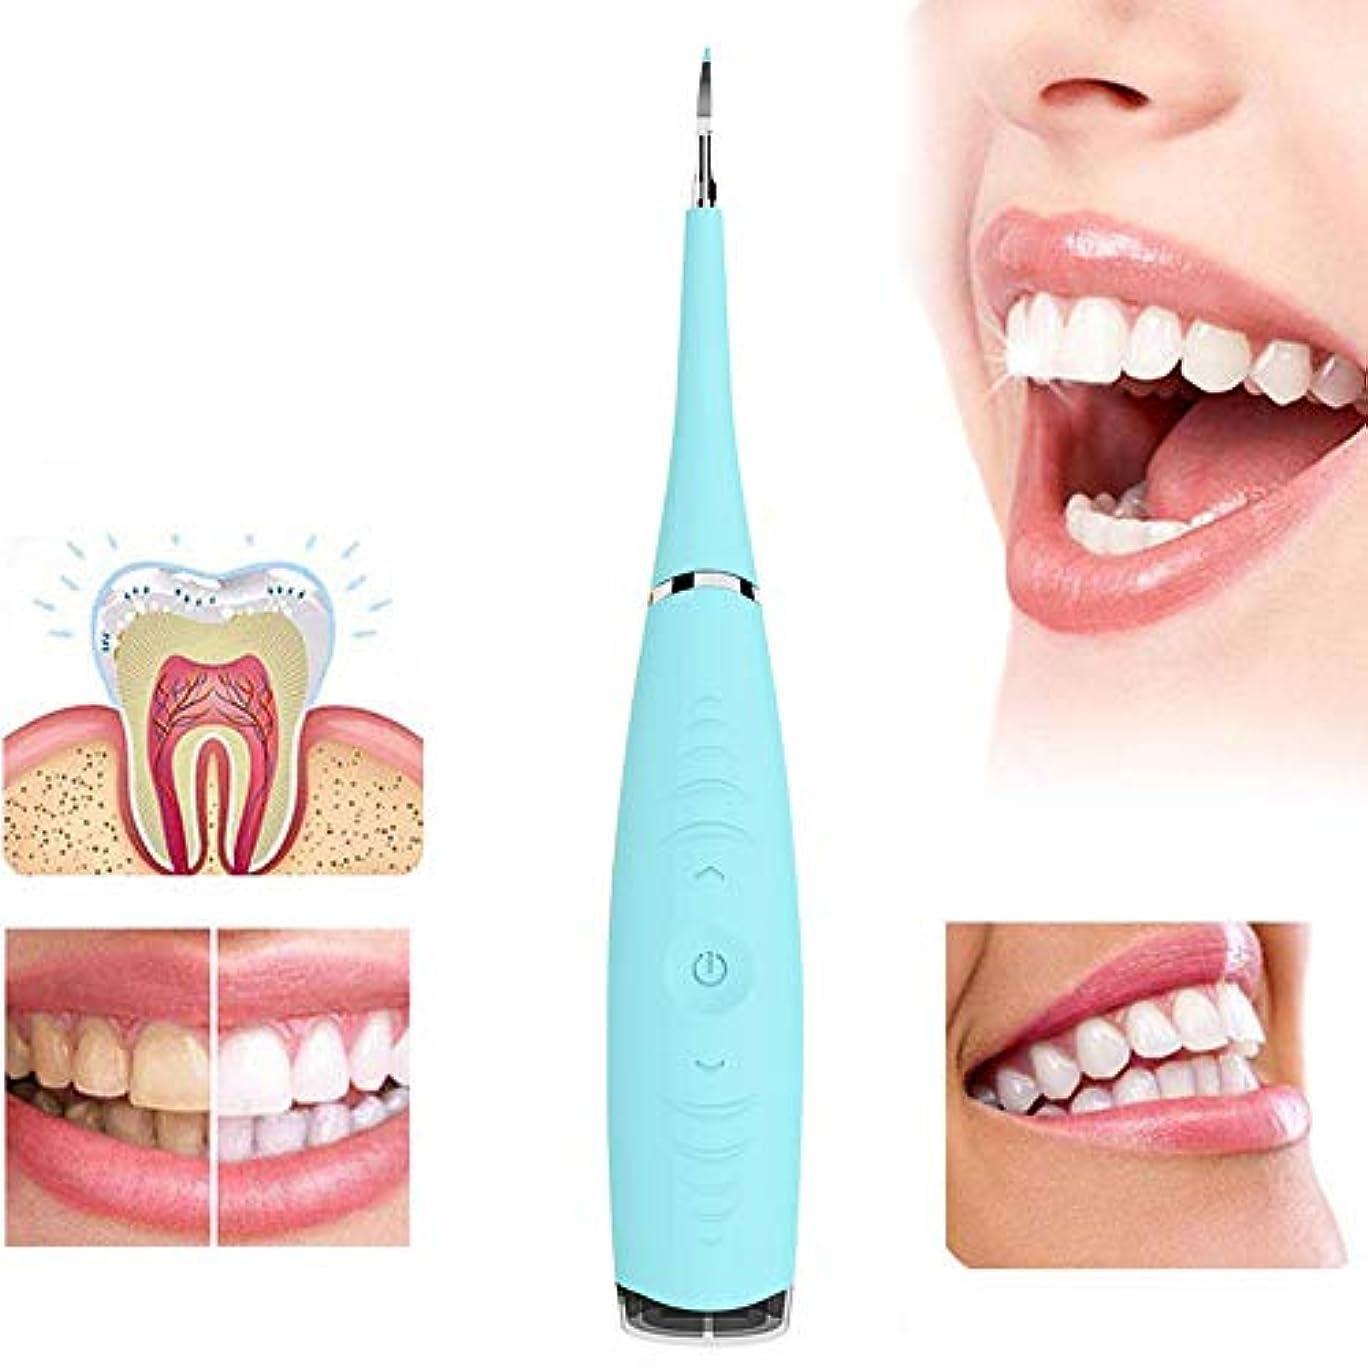 マントヒューム強化歯をホワイトニング電動歯石除去ツール防水ステンレス鋼歯石スクレーパー歯のクリーニング消しゴム